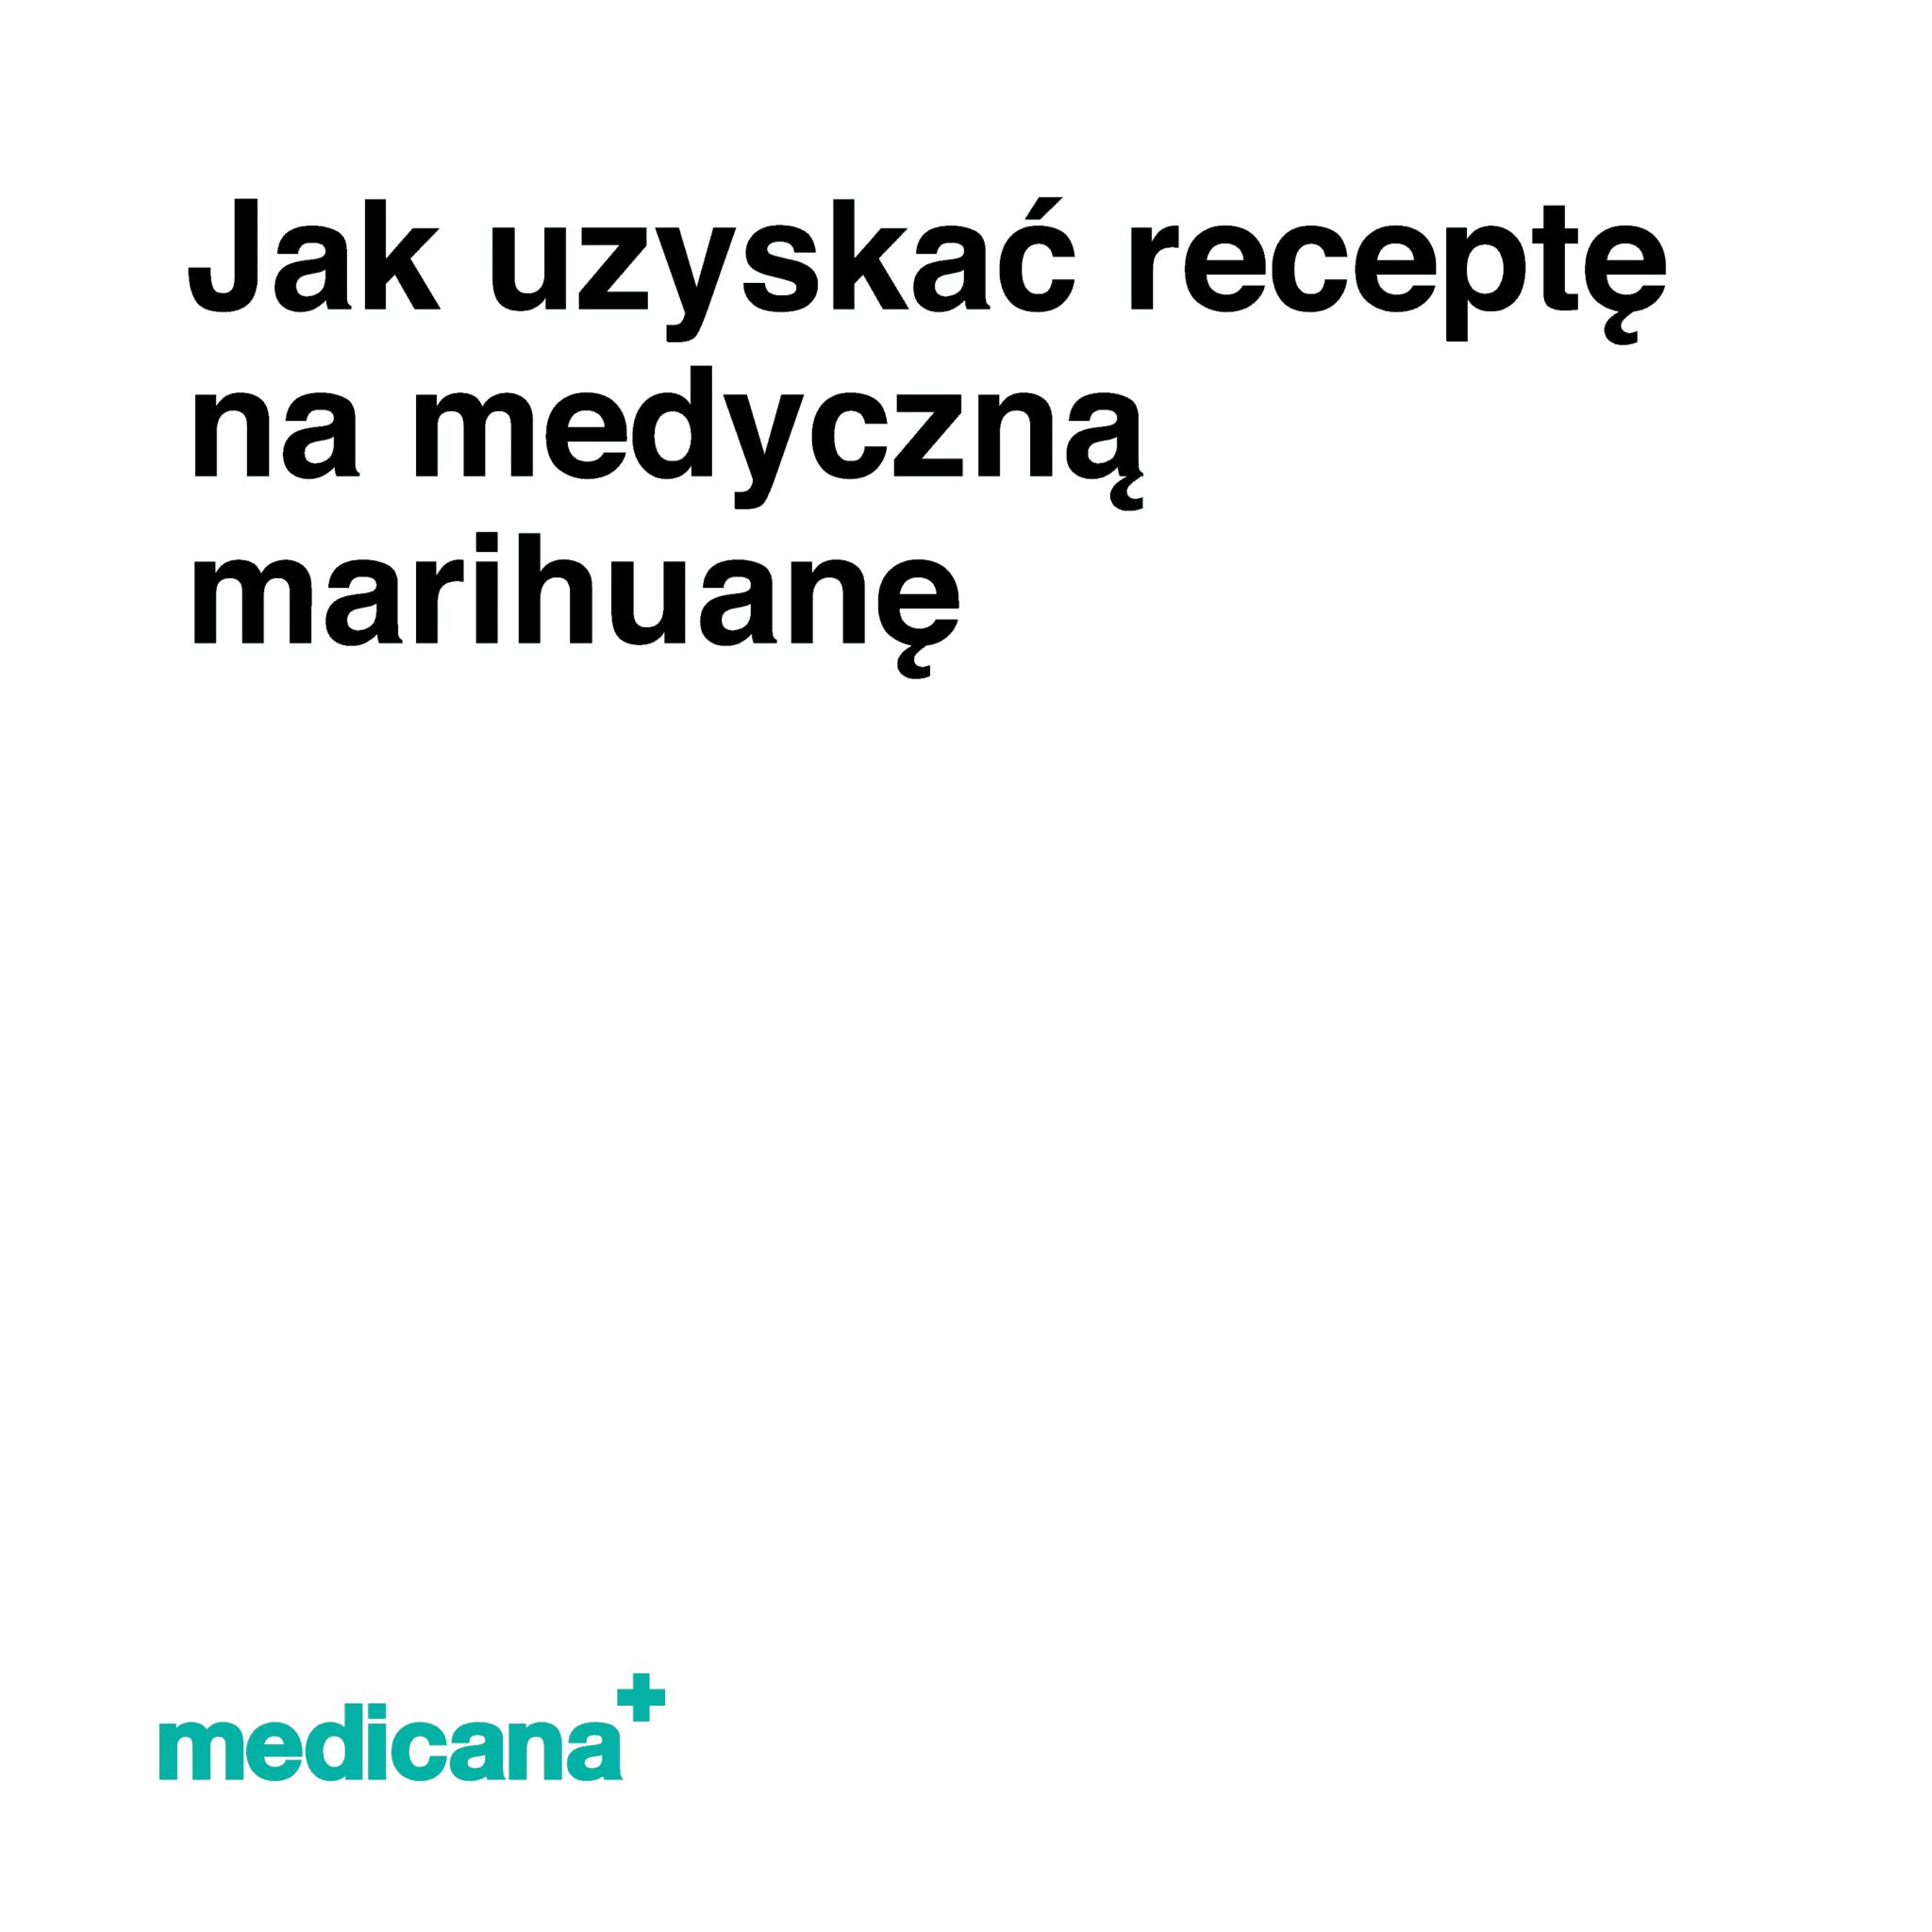 Grafika, białe tło z czarnym napisem Jak uzyskać receptę na medyczną marihuanę? oraz zielonym logo Medicana w lewym dolnym rogu.